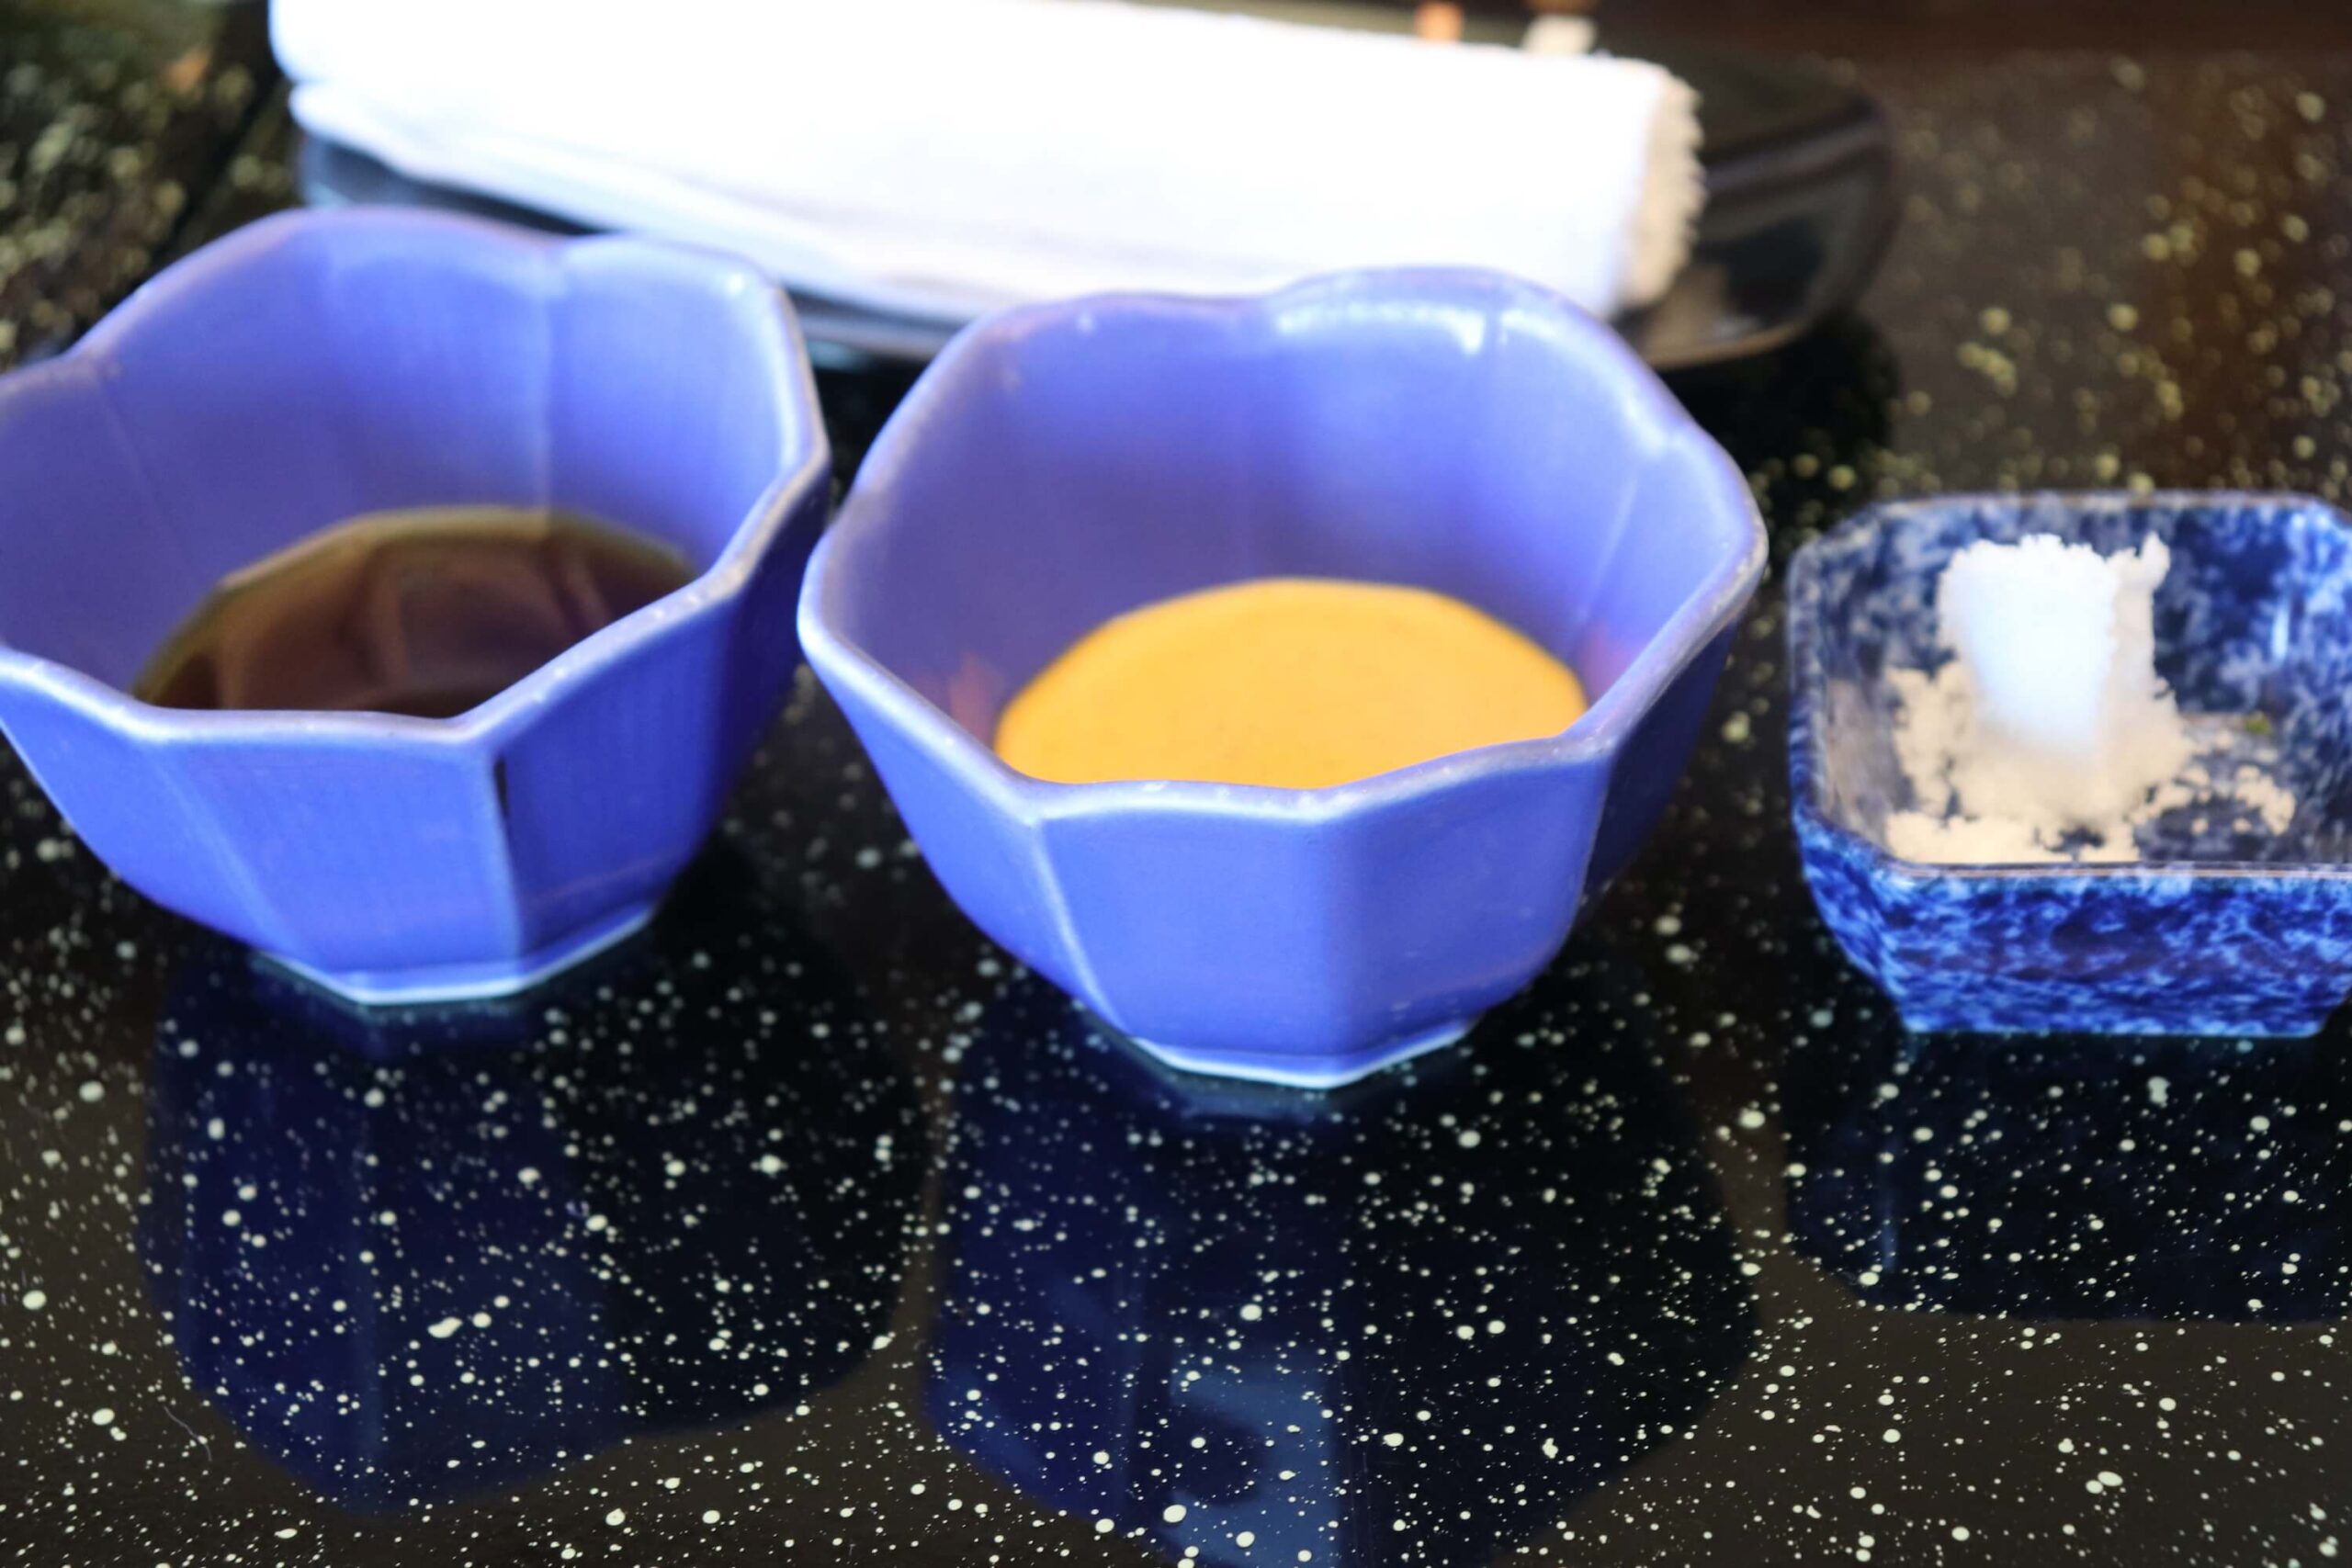 粋松亭の朝食のサラダのドレッシング